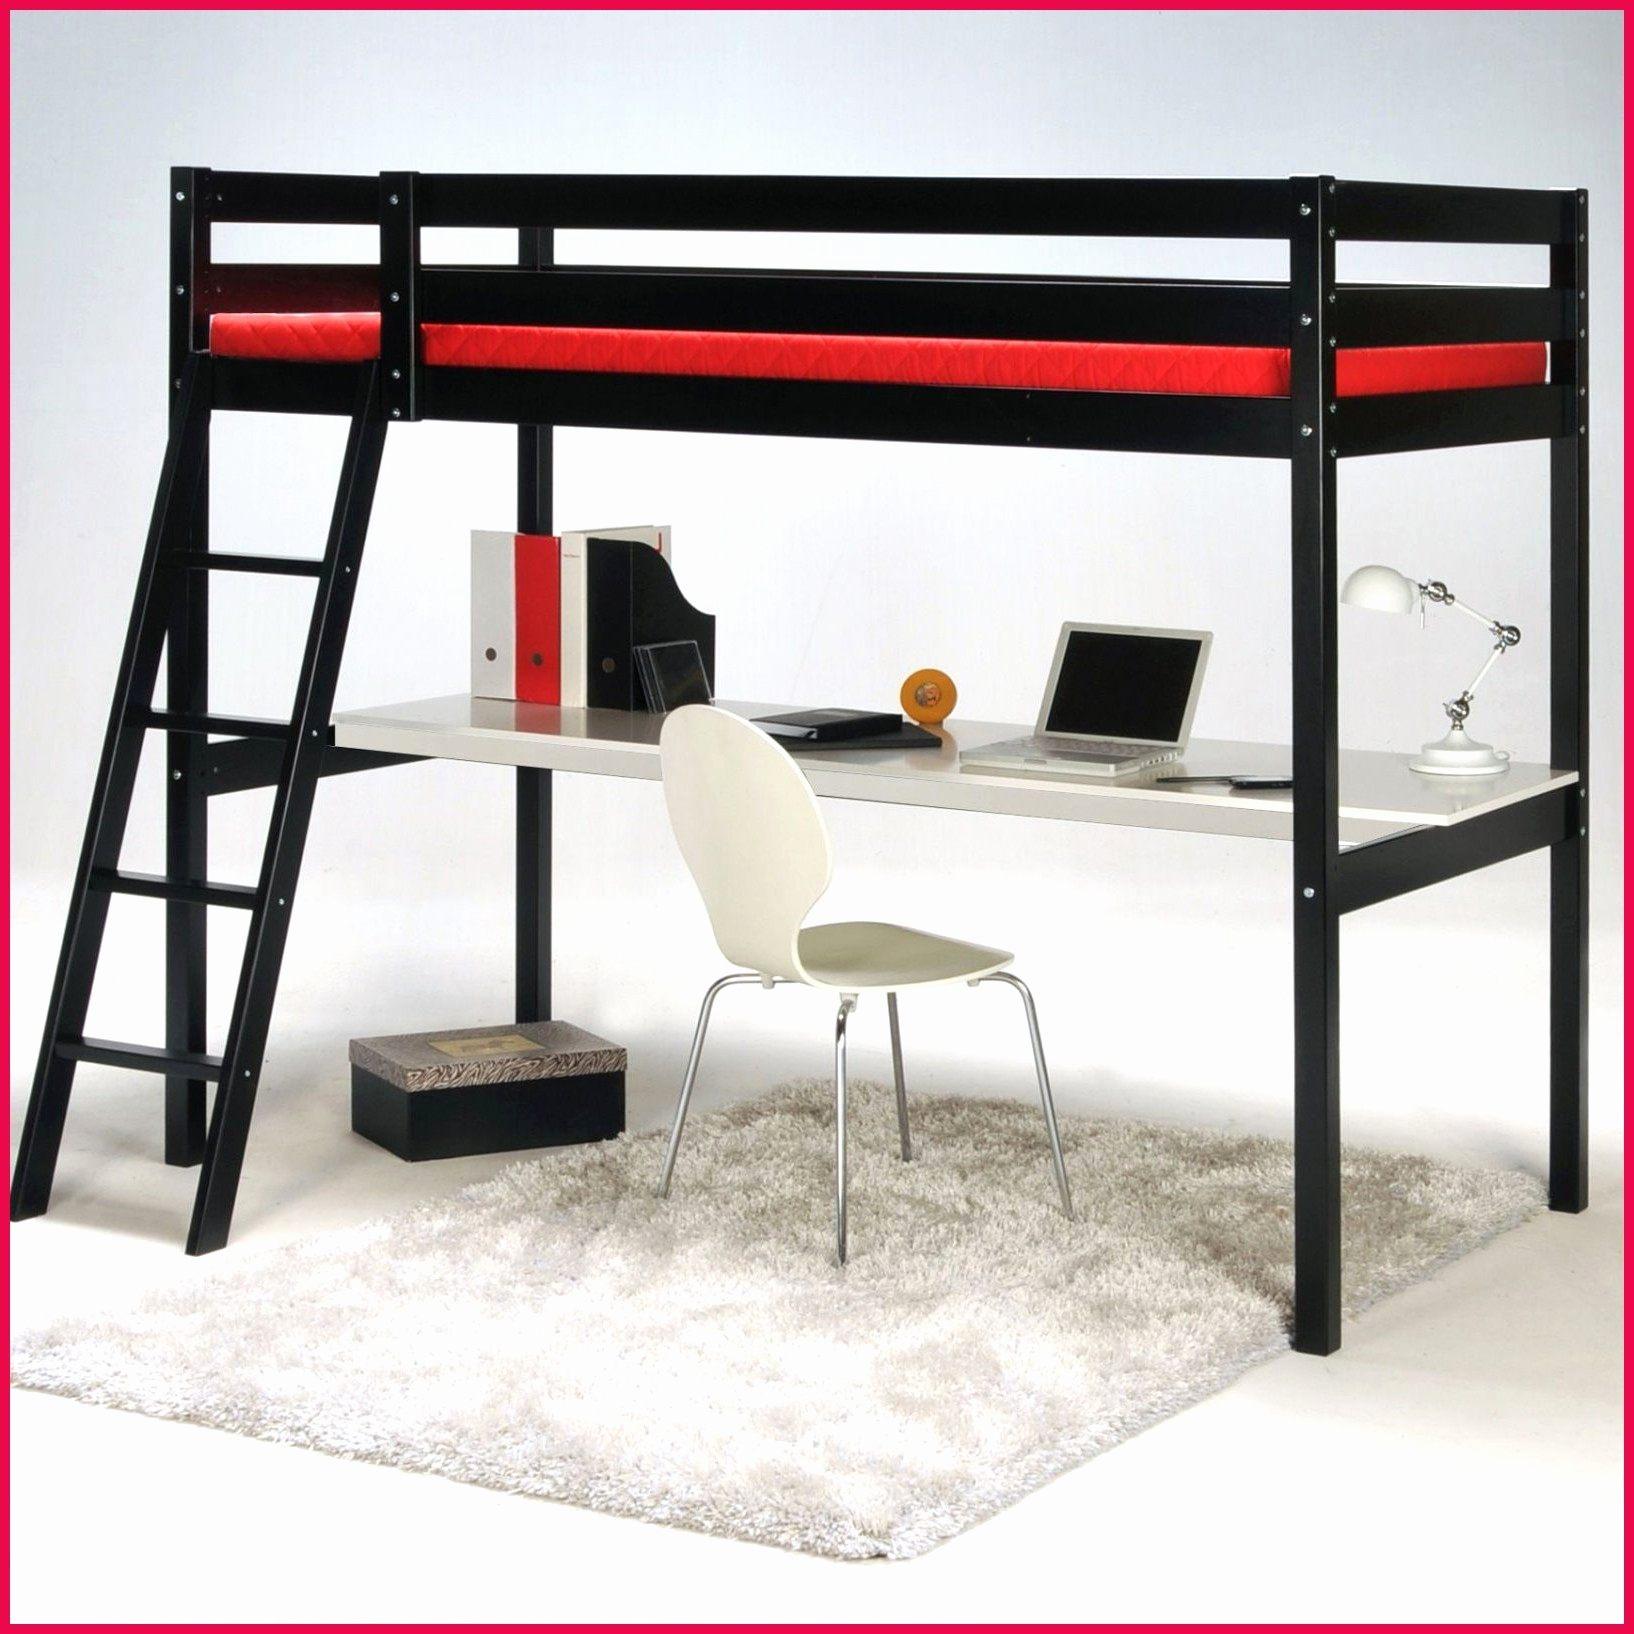 Lit Mezzanine Evolutif Magnifique Enchanteur Lit Mezzanine Avec Canape Dans Lit Mezzanine Design Lit